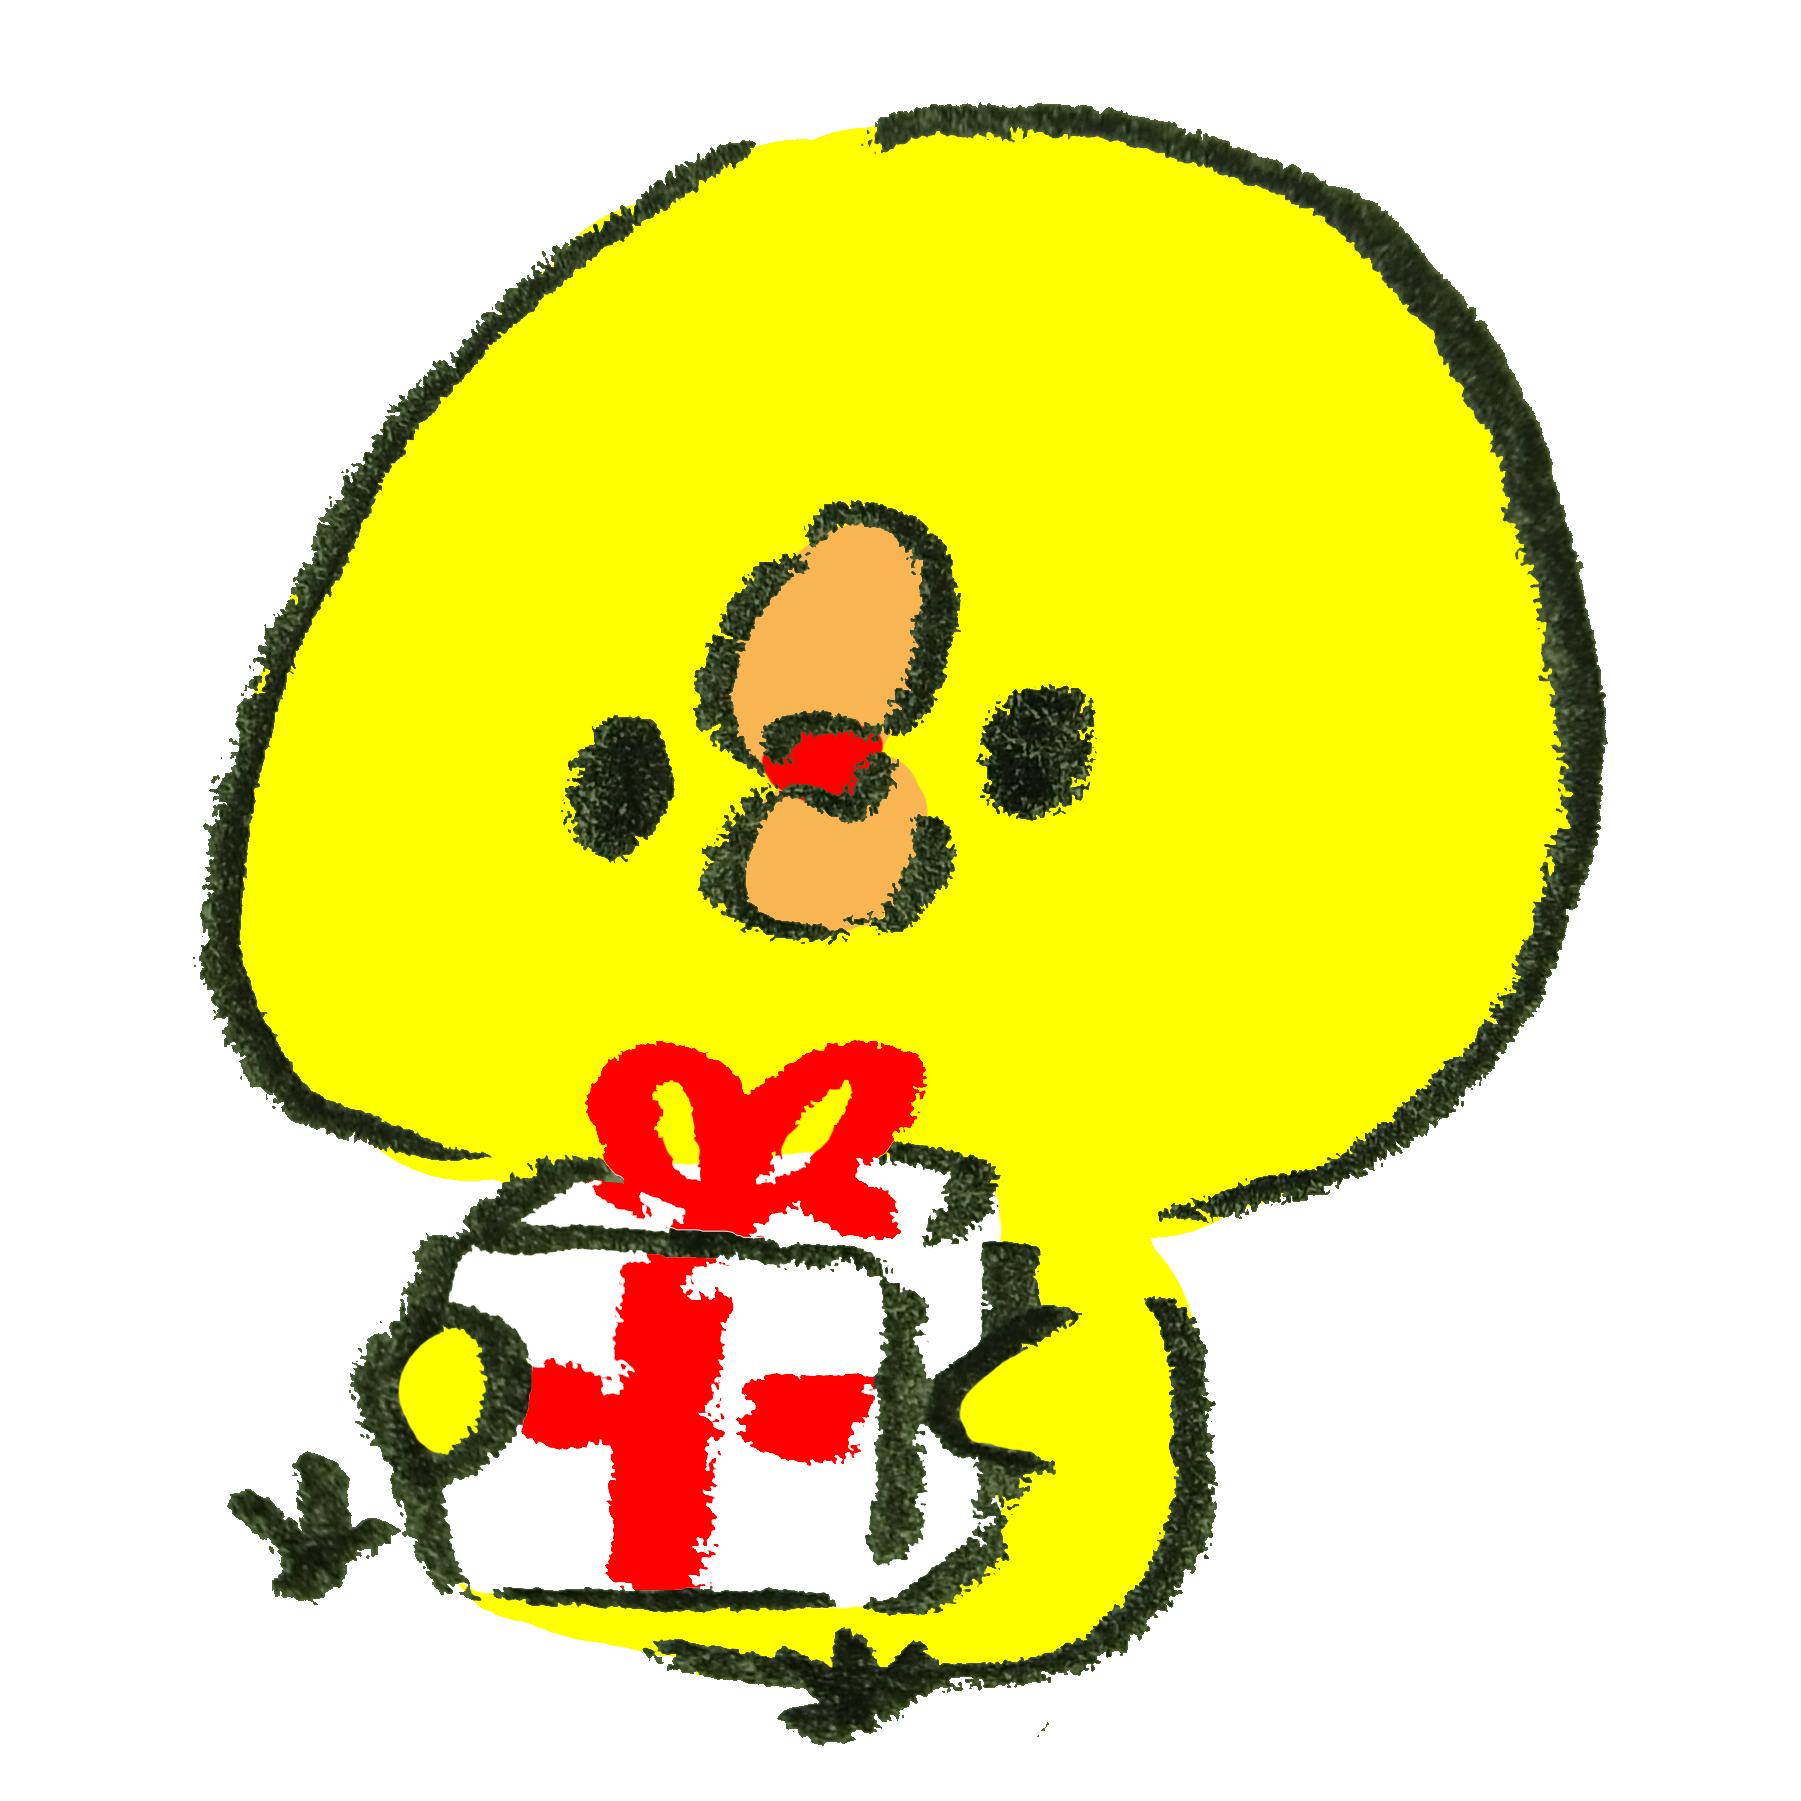 クリスマスプレゼントをもらってワクワクしているひよこのイラスト